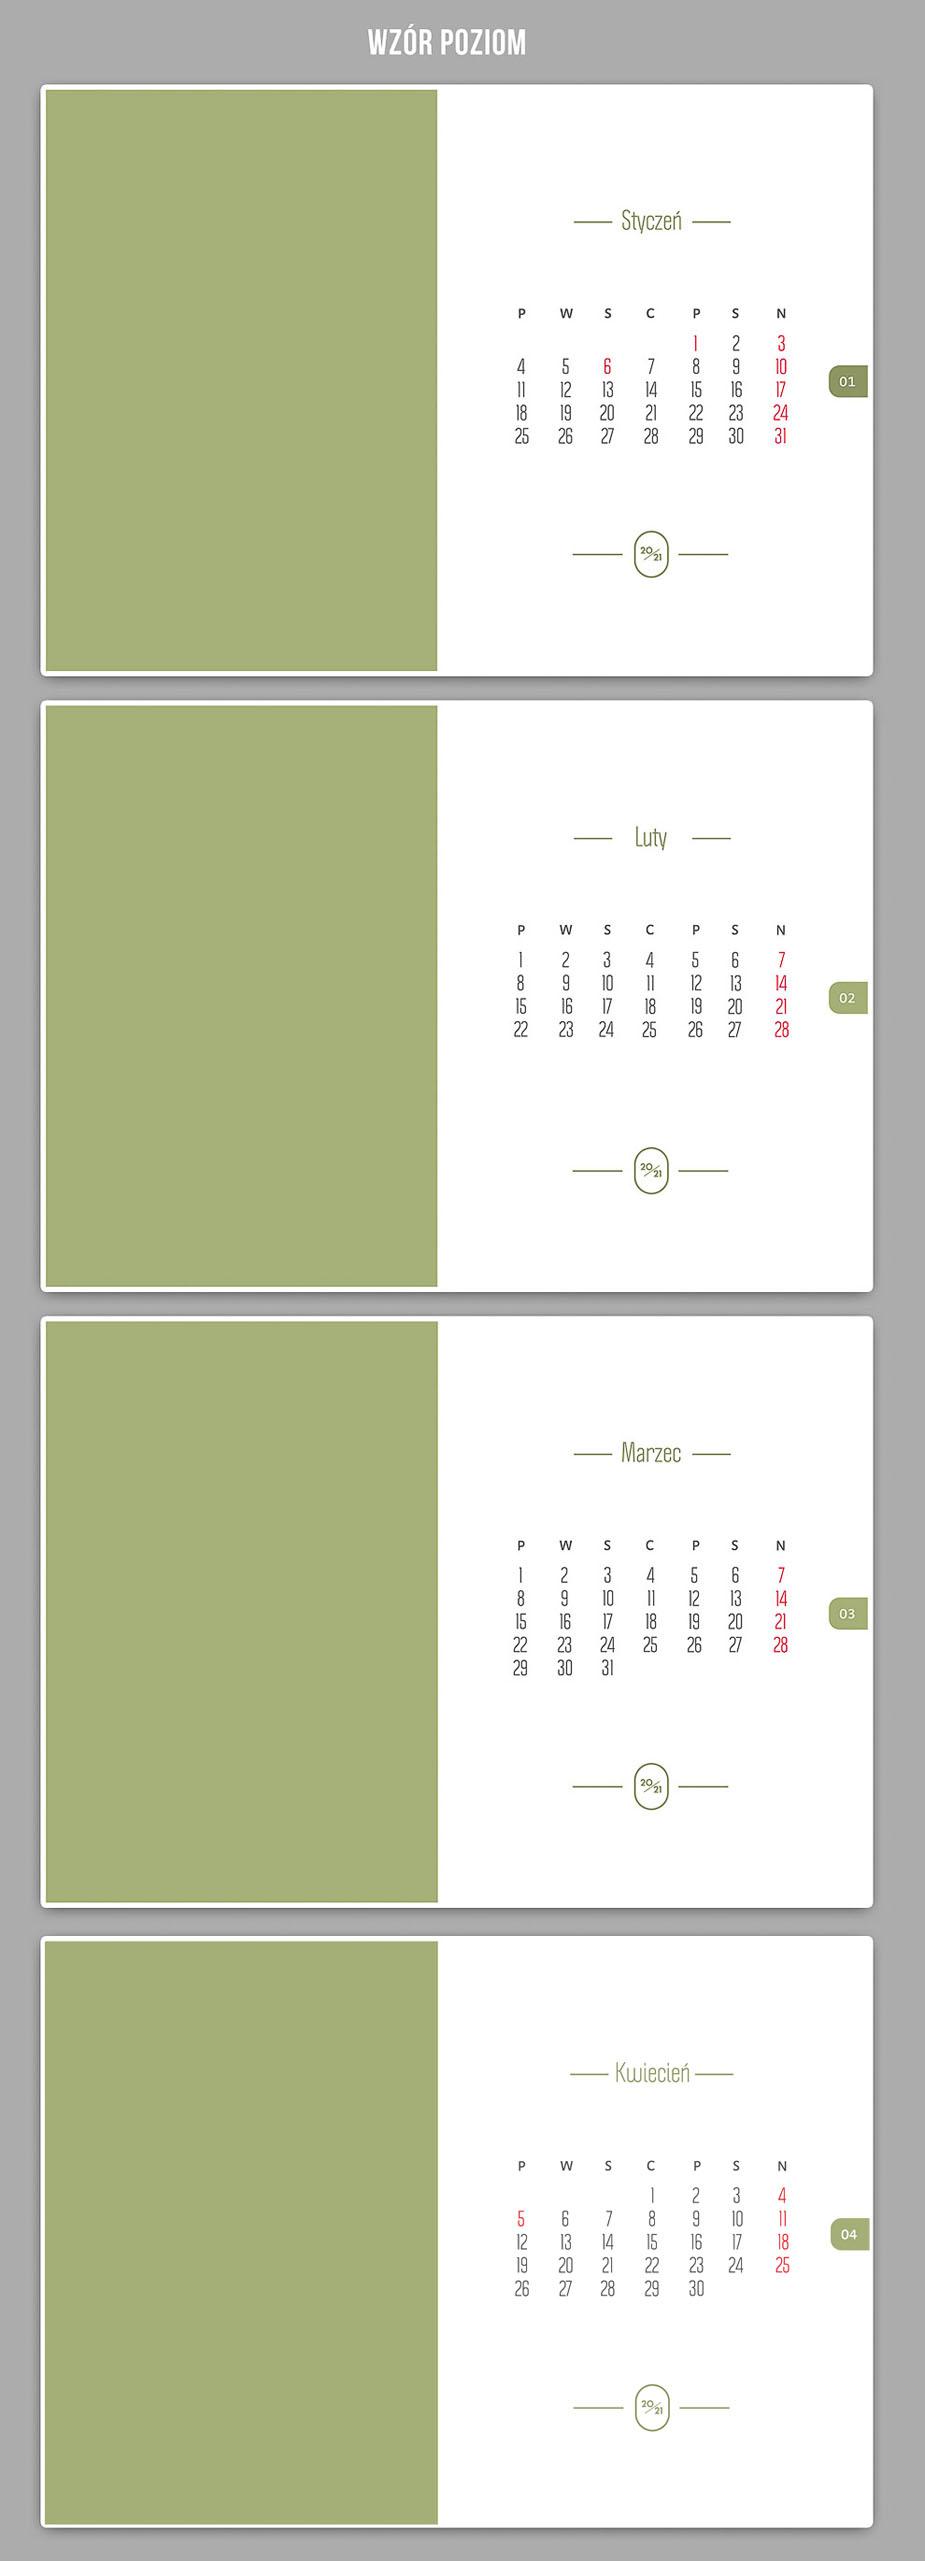 foto kalendarz szablony kalendarium 2021 projekty poziom